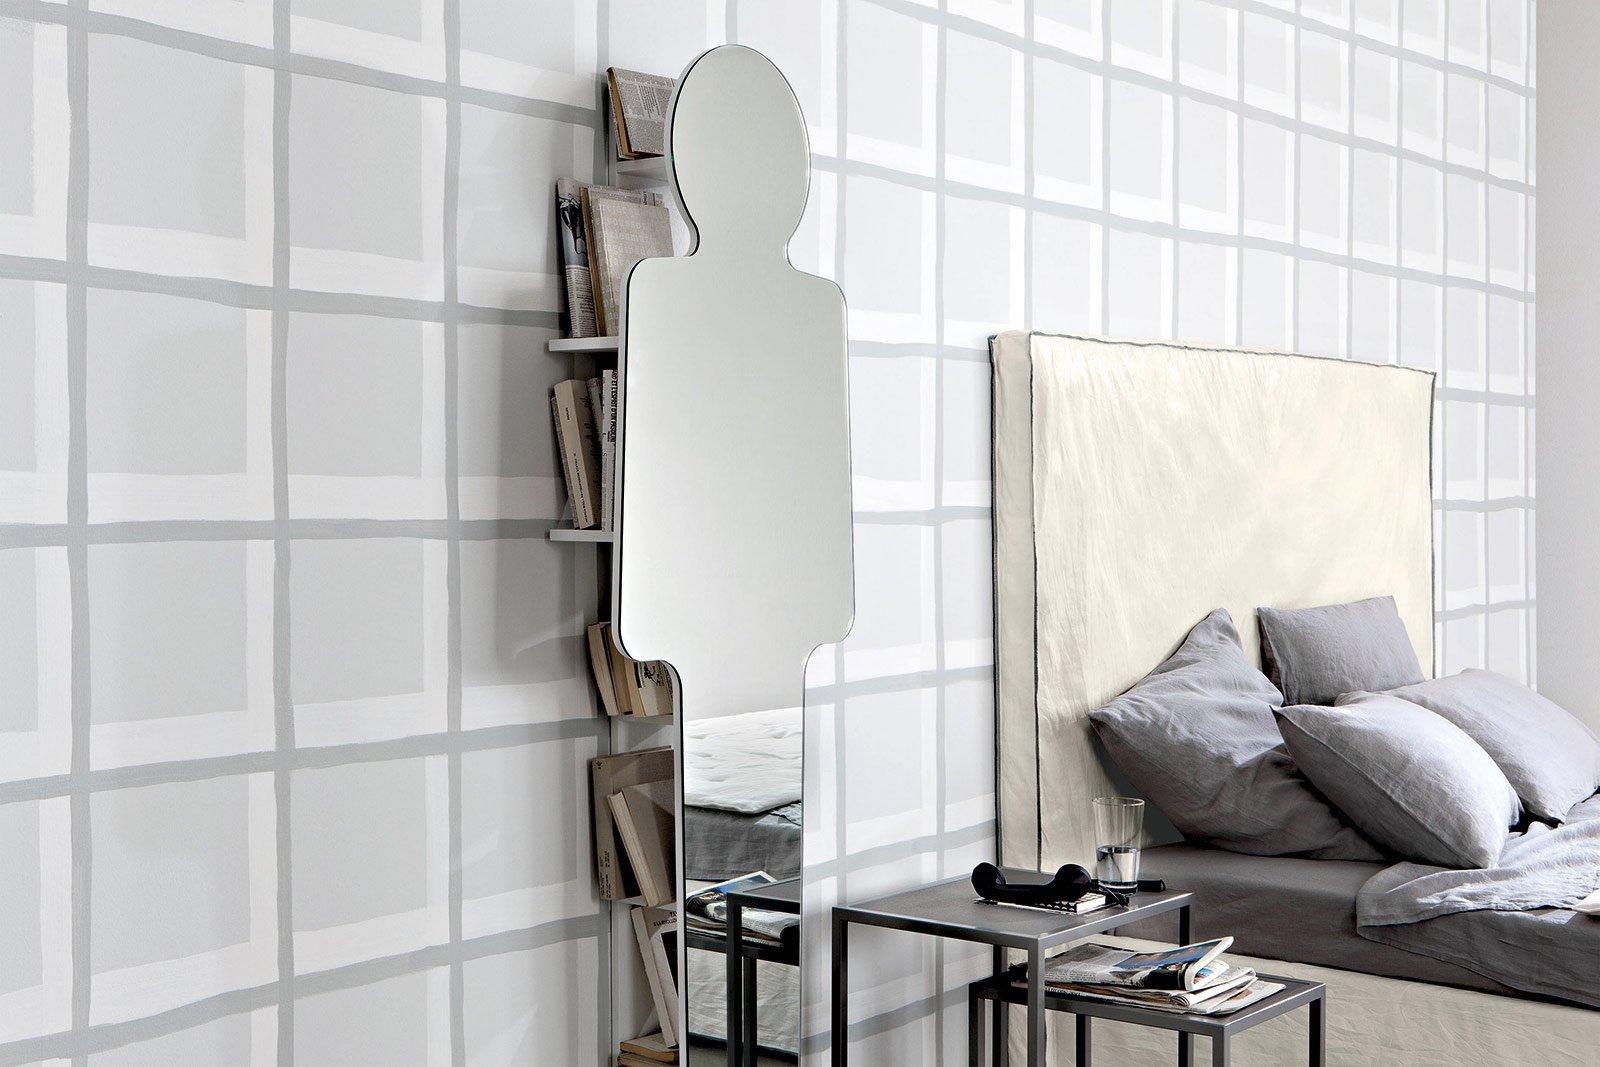 Specchi come elementi d 39 arredo cose di casa for Piani di casa con grandi verande sul retro